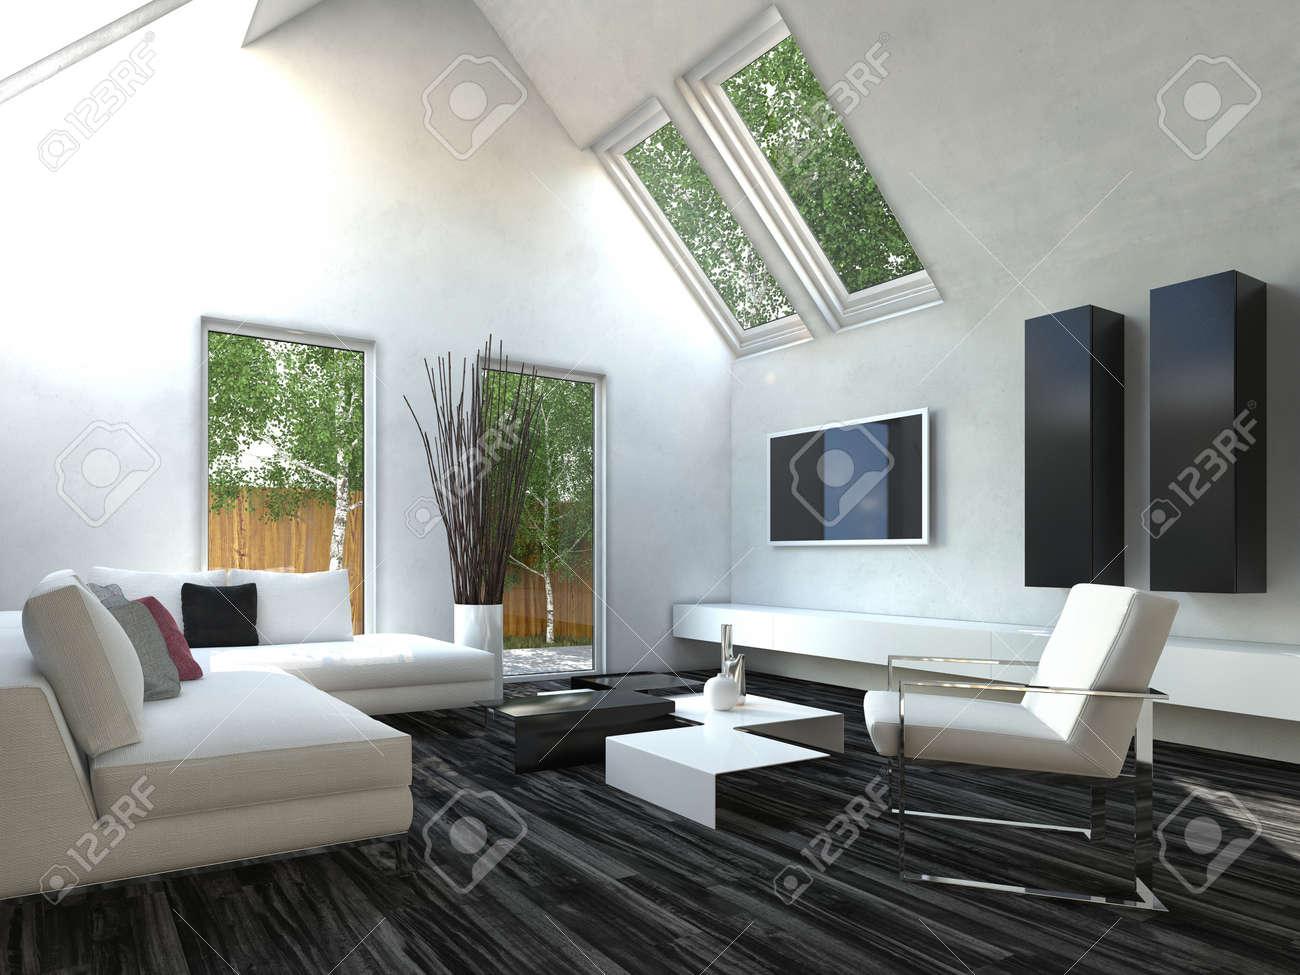 Schöne Schwarz-Weiß-Wohnzimmer Mit Fernseher Lizenzfreie Fotos ...